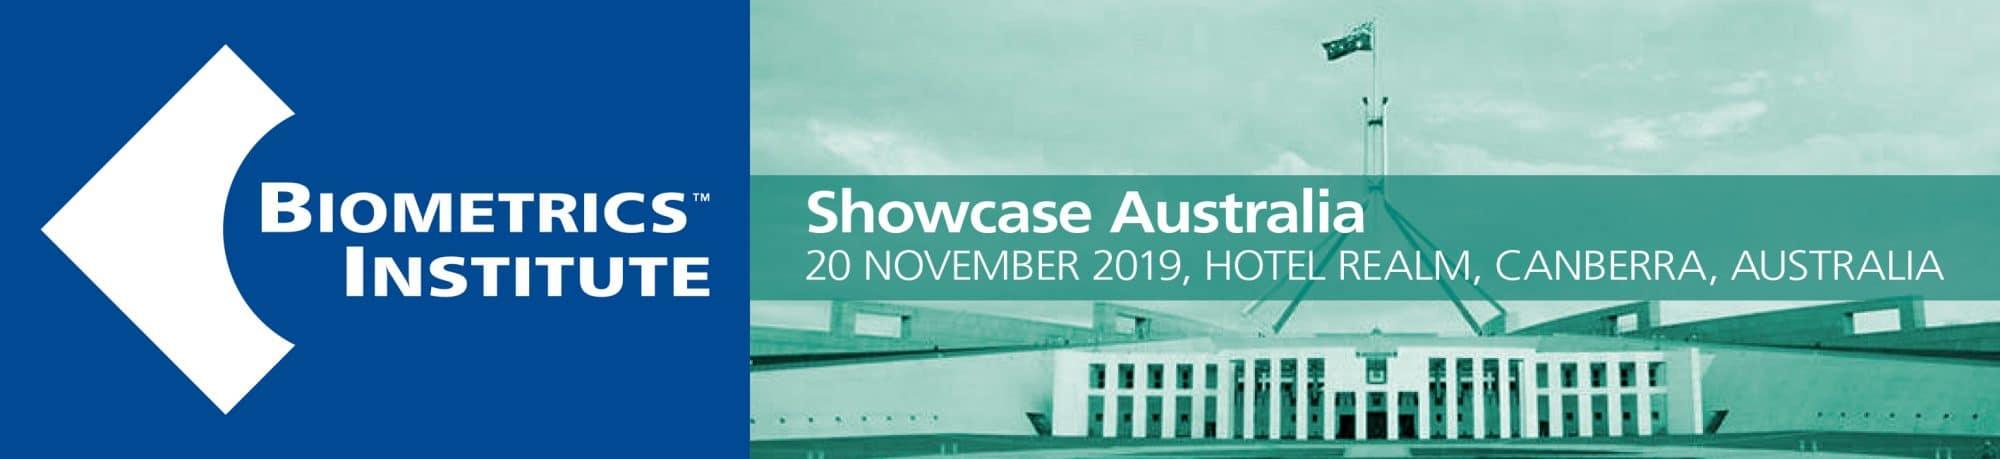 Biometrics Institute Showcase Australia 2019 large